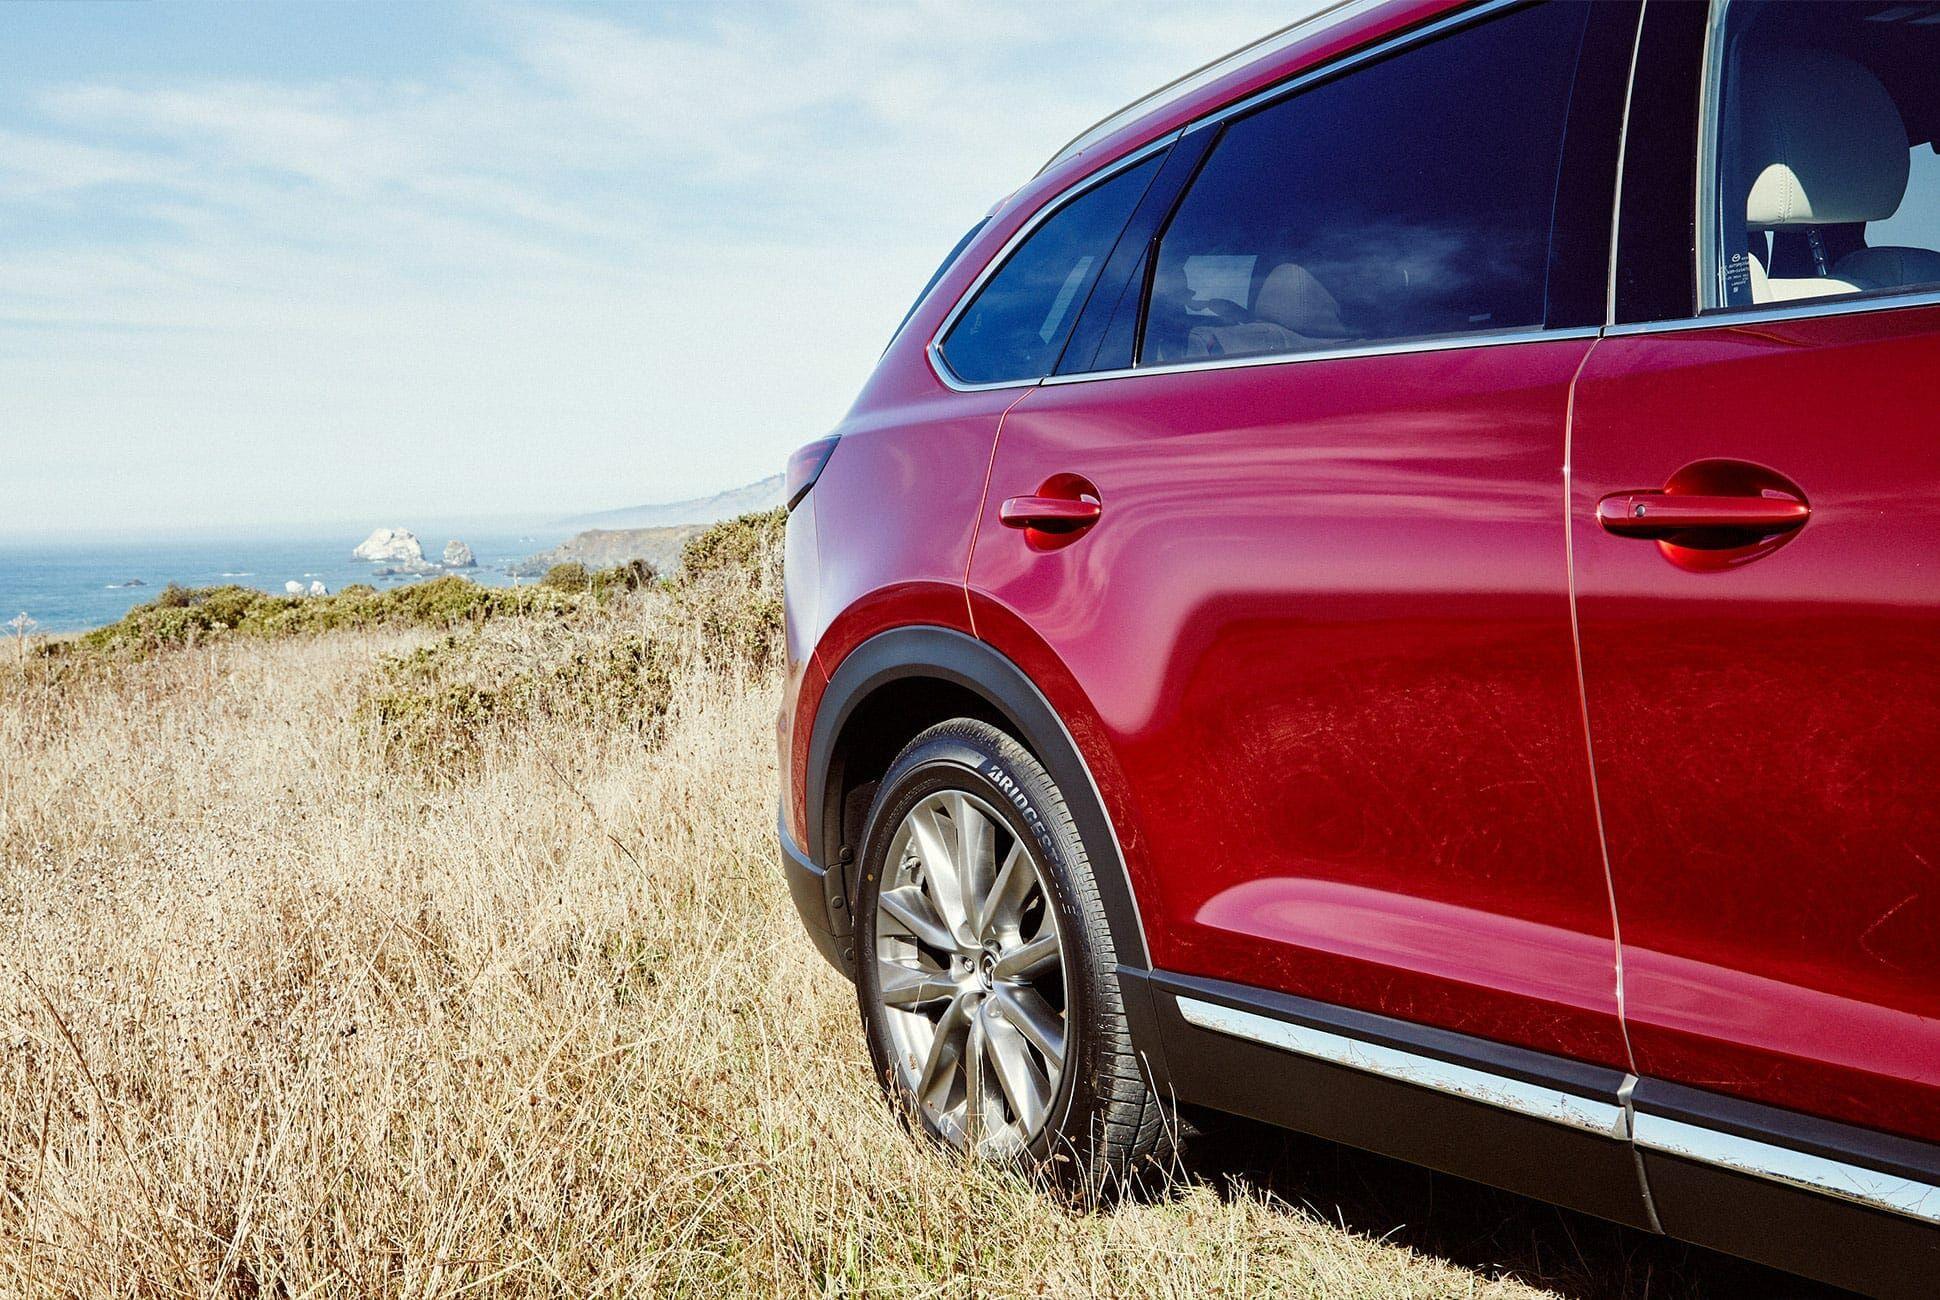 Mazda-CX9-Review-Gear-Patrol-slide-6